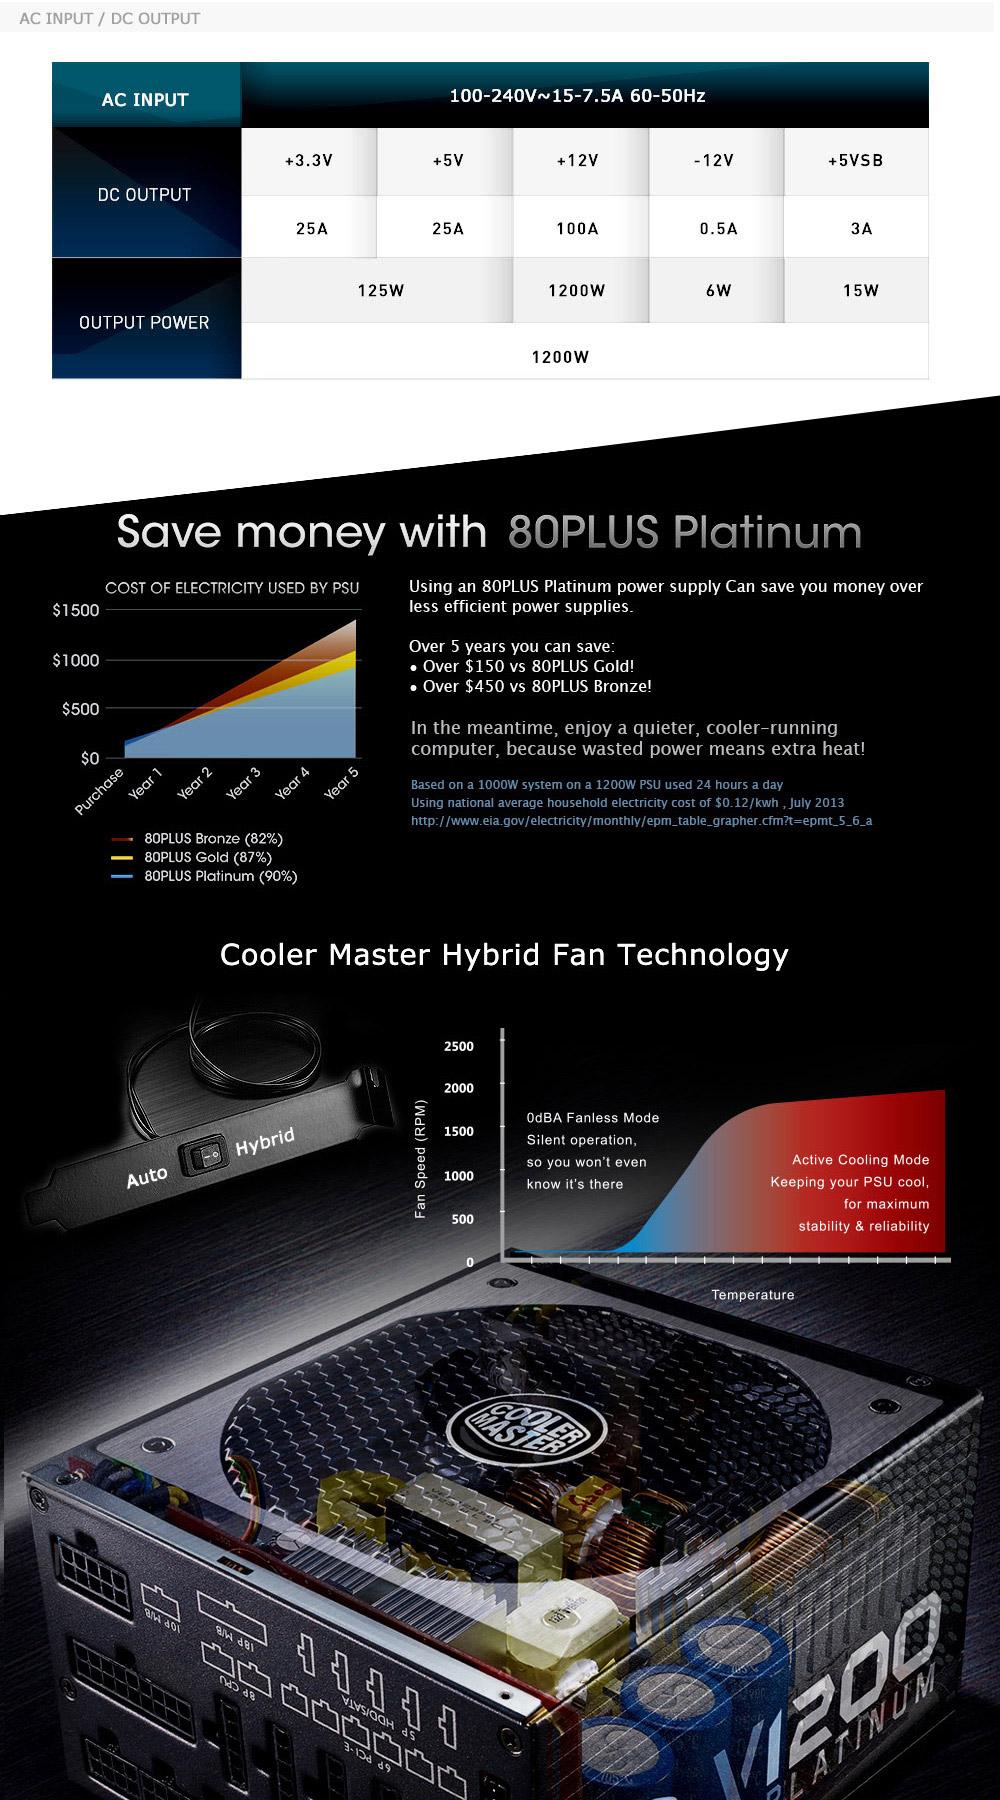 http://assets.coolermaster.com/global/products/powersupply/v1200/images/v1200_09_v2.jpg